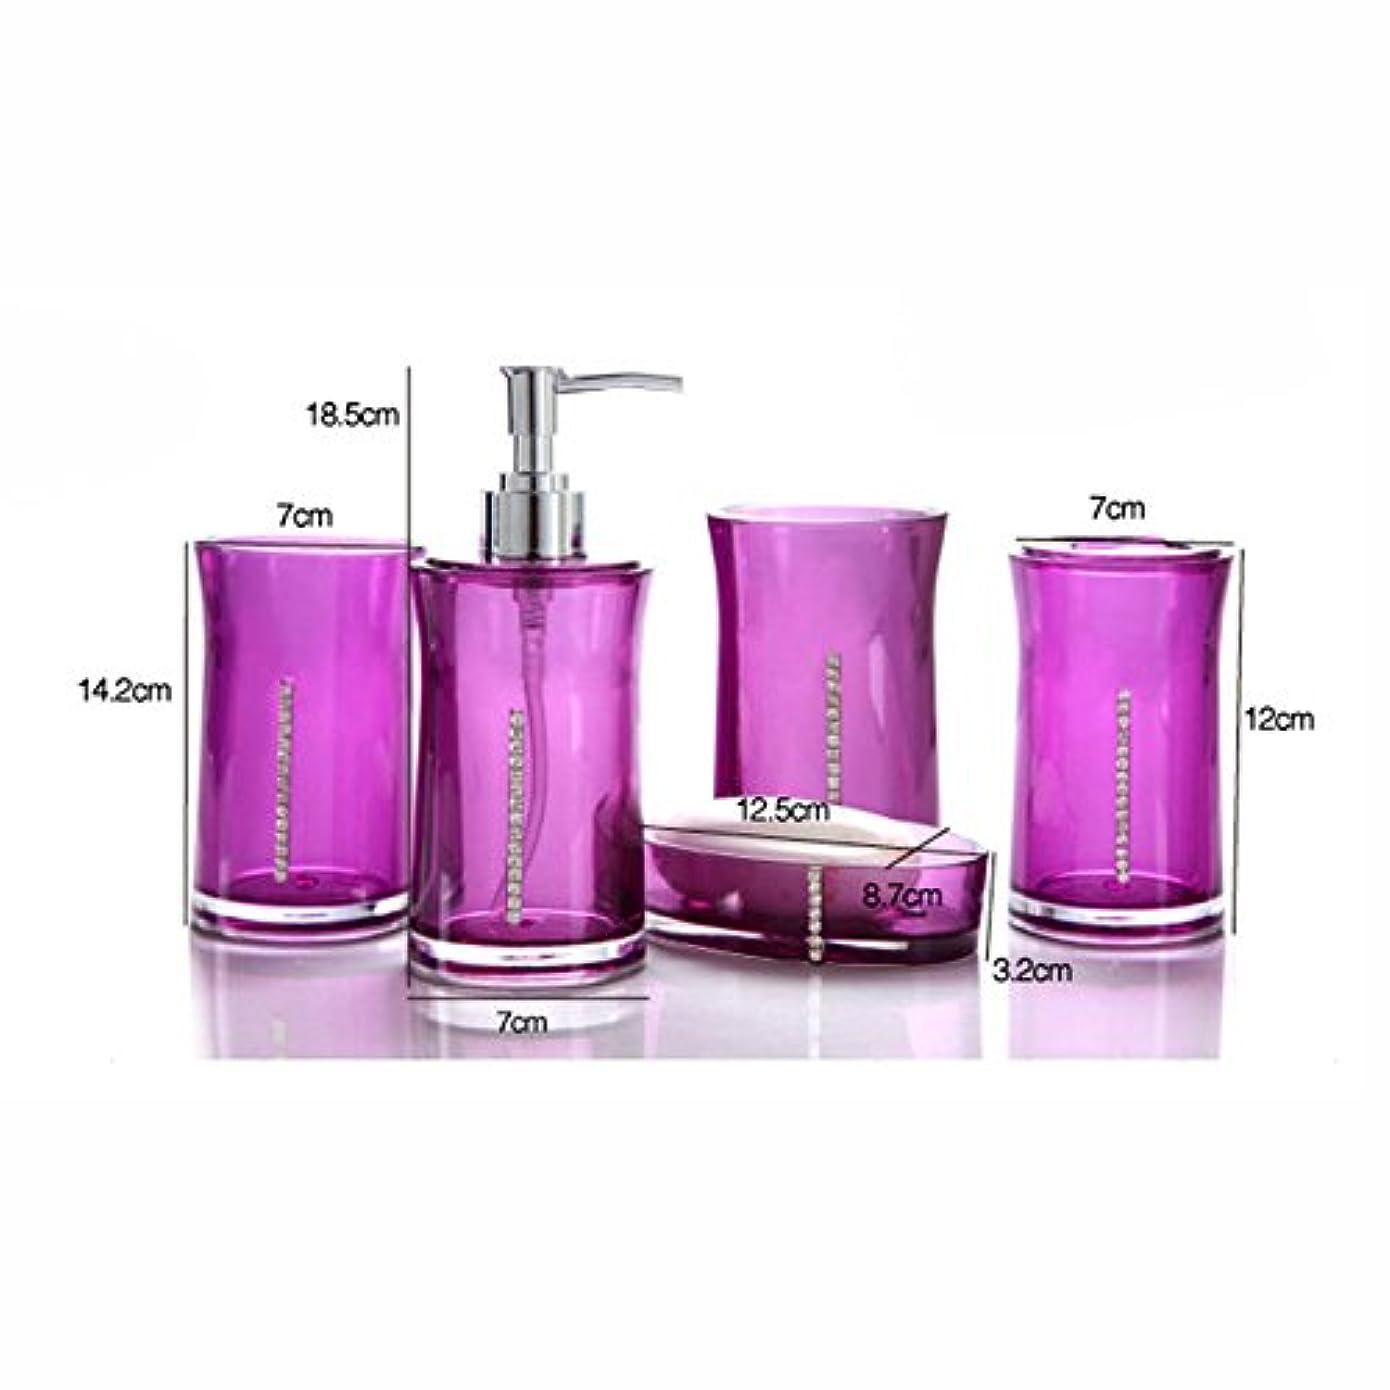 ブラウンアルカトラズ島聖職者xlp シャワージェルアクリルボトル、キッチンバス用シャンプー液体石鹸ディスペンサーボトル (紫)